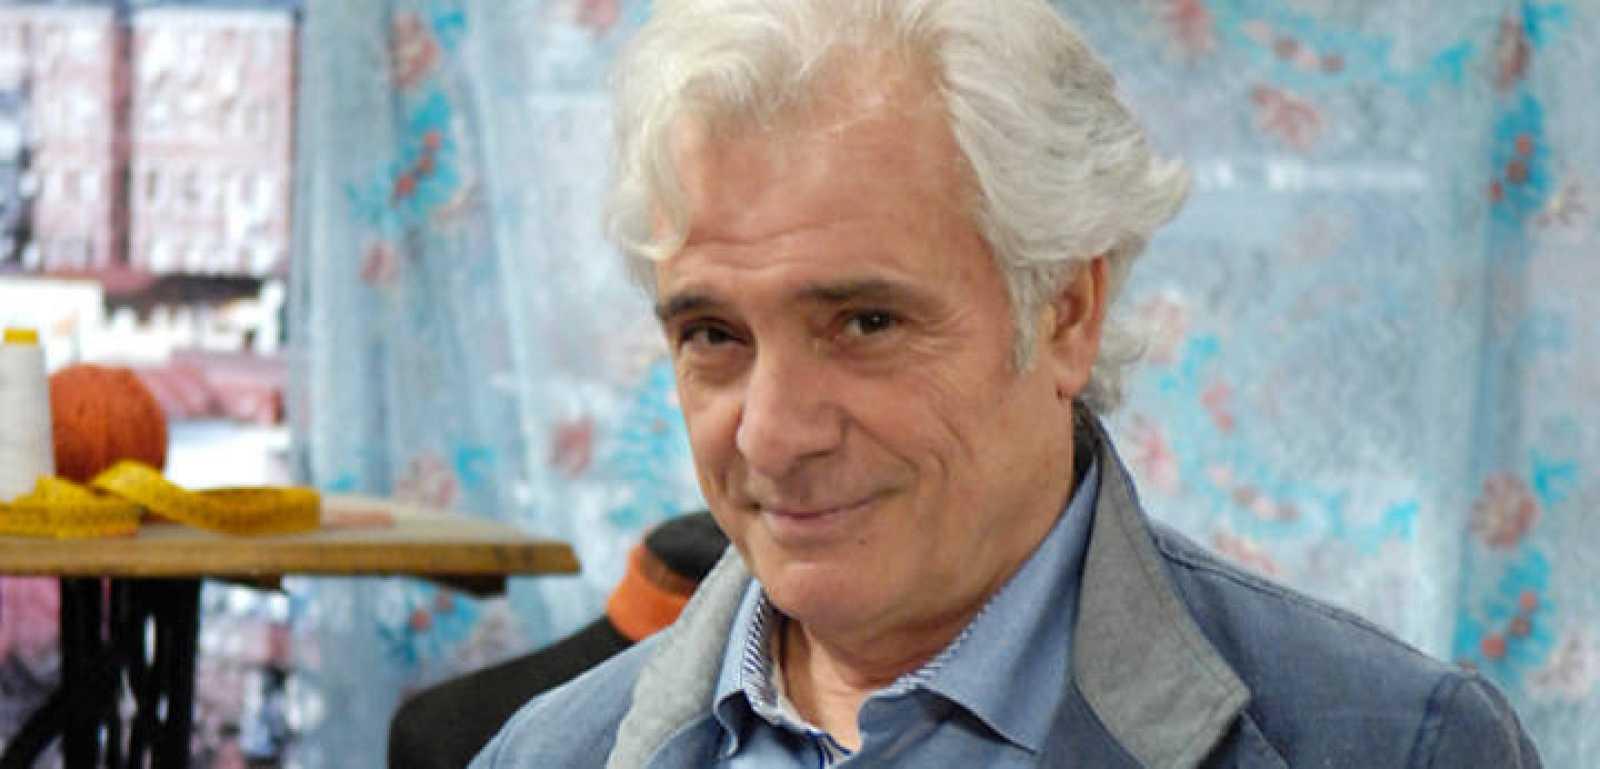 Luis Marco interpreta a Mario en Stamos okupa2